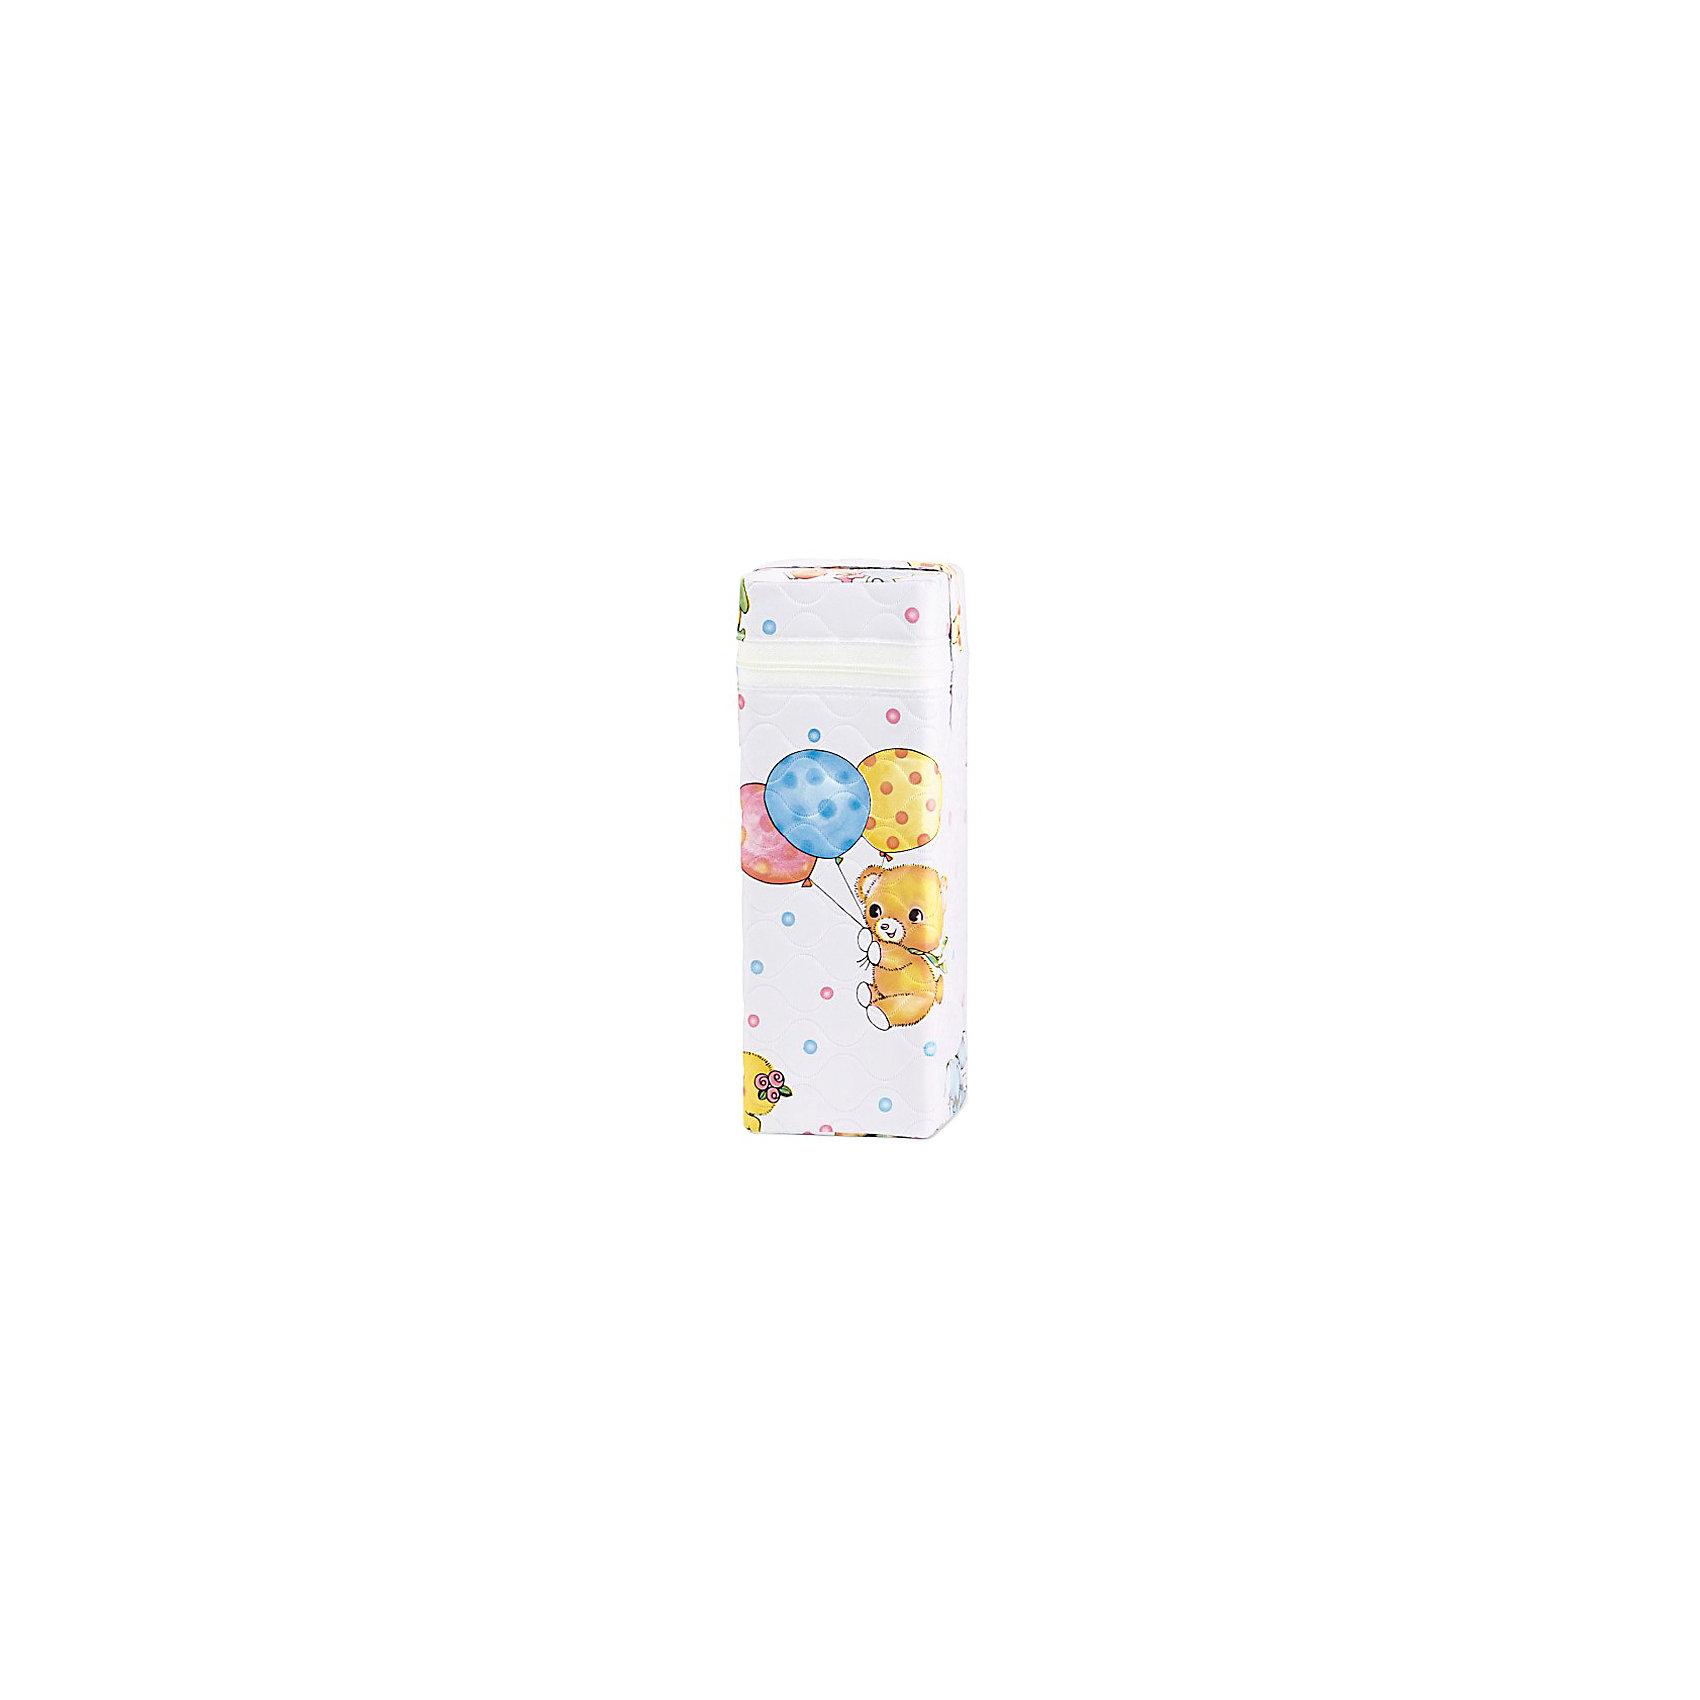 Термоупаковка для бутылочки Canpol Babies , в ассорт.Термоупаковка для бутылочки Сanpol Babies (Канпол Бэйбиз) - лучший способ хранения и транспортировки охлажденной молочной смеси или теплой кипяченной воды во время поездки или дневной прогулки.<br><br>Благодаря широкой внутренней части термоупаковка подходит для всех стандартных бутылочек для кормления. Комфортная ручка позволит всегда брать термоупаковку с собой. Закрывается на молнию, что ускорит процесс извлечения бутылочки.<br><br>Твёрдые стенки из материала типа пенопласт сохраняют температуру бутылочки до 3 часов и защищают её от легких ударов.<br><br>Термоупаковку для бутылочки Сanpol Babies можно купить в нашем интернет-магазине.<br><br>Дополнительная информация:<br>- Размеры: 23,5 х 9 х 9 см.<br>- Вес: 58 г.<br><br>ВНИМАНИЕ: Данный артикул представлен в ассортименте и имеется несколько вариантов расцветки. Предварительный выбор определенного варианта, к сожалению, не возможен. При заказе нескольких единиц данного товара, возможно получение одинаковых.<br><br>Ширина мм: 235<br>Глубина мм: 90<br>Высота мм: 90<br>Вес г: 47<br>Возраст от месяцев: -2147483648<br>Возраст до месяцев: 2147483647<br>Пол: Унисекс<br>Возраст: Детский<br>SKU: 2570013